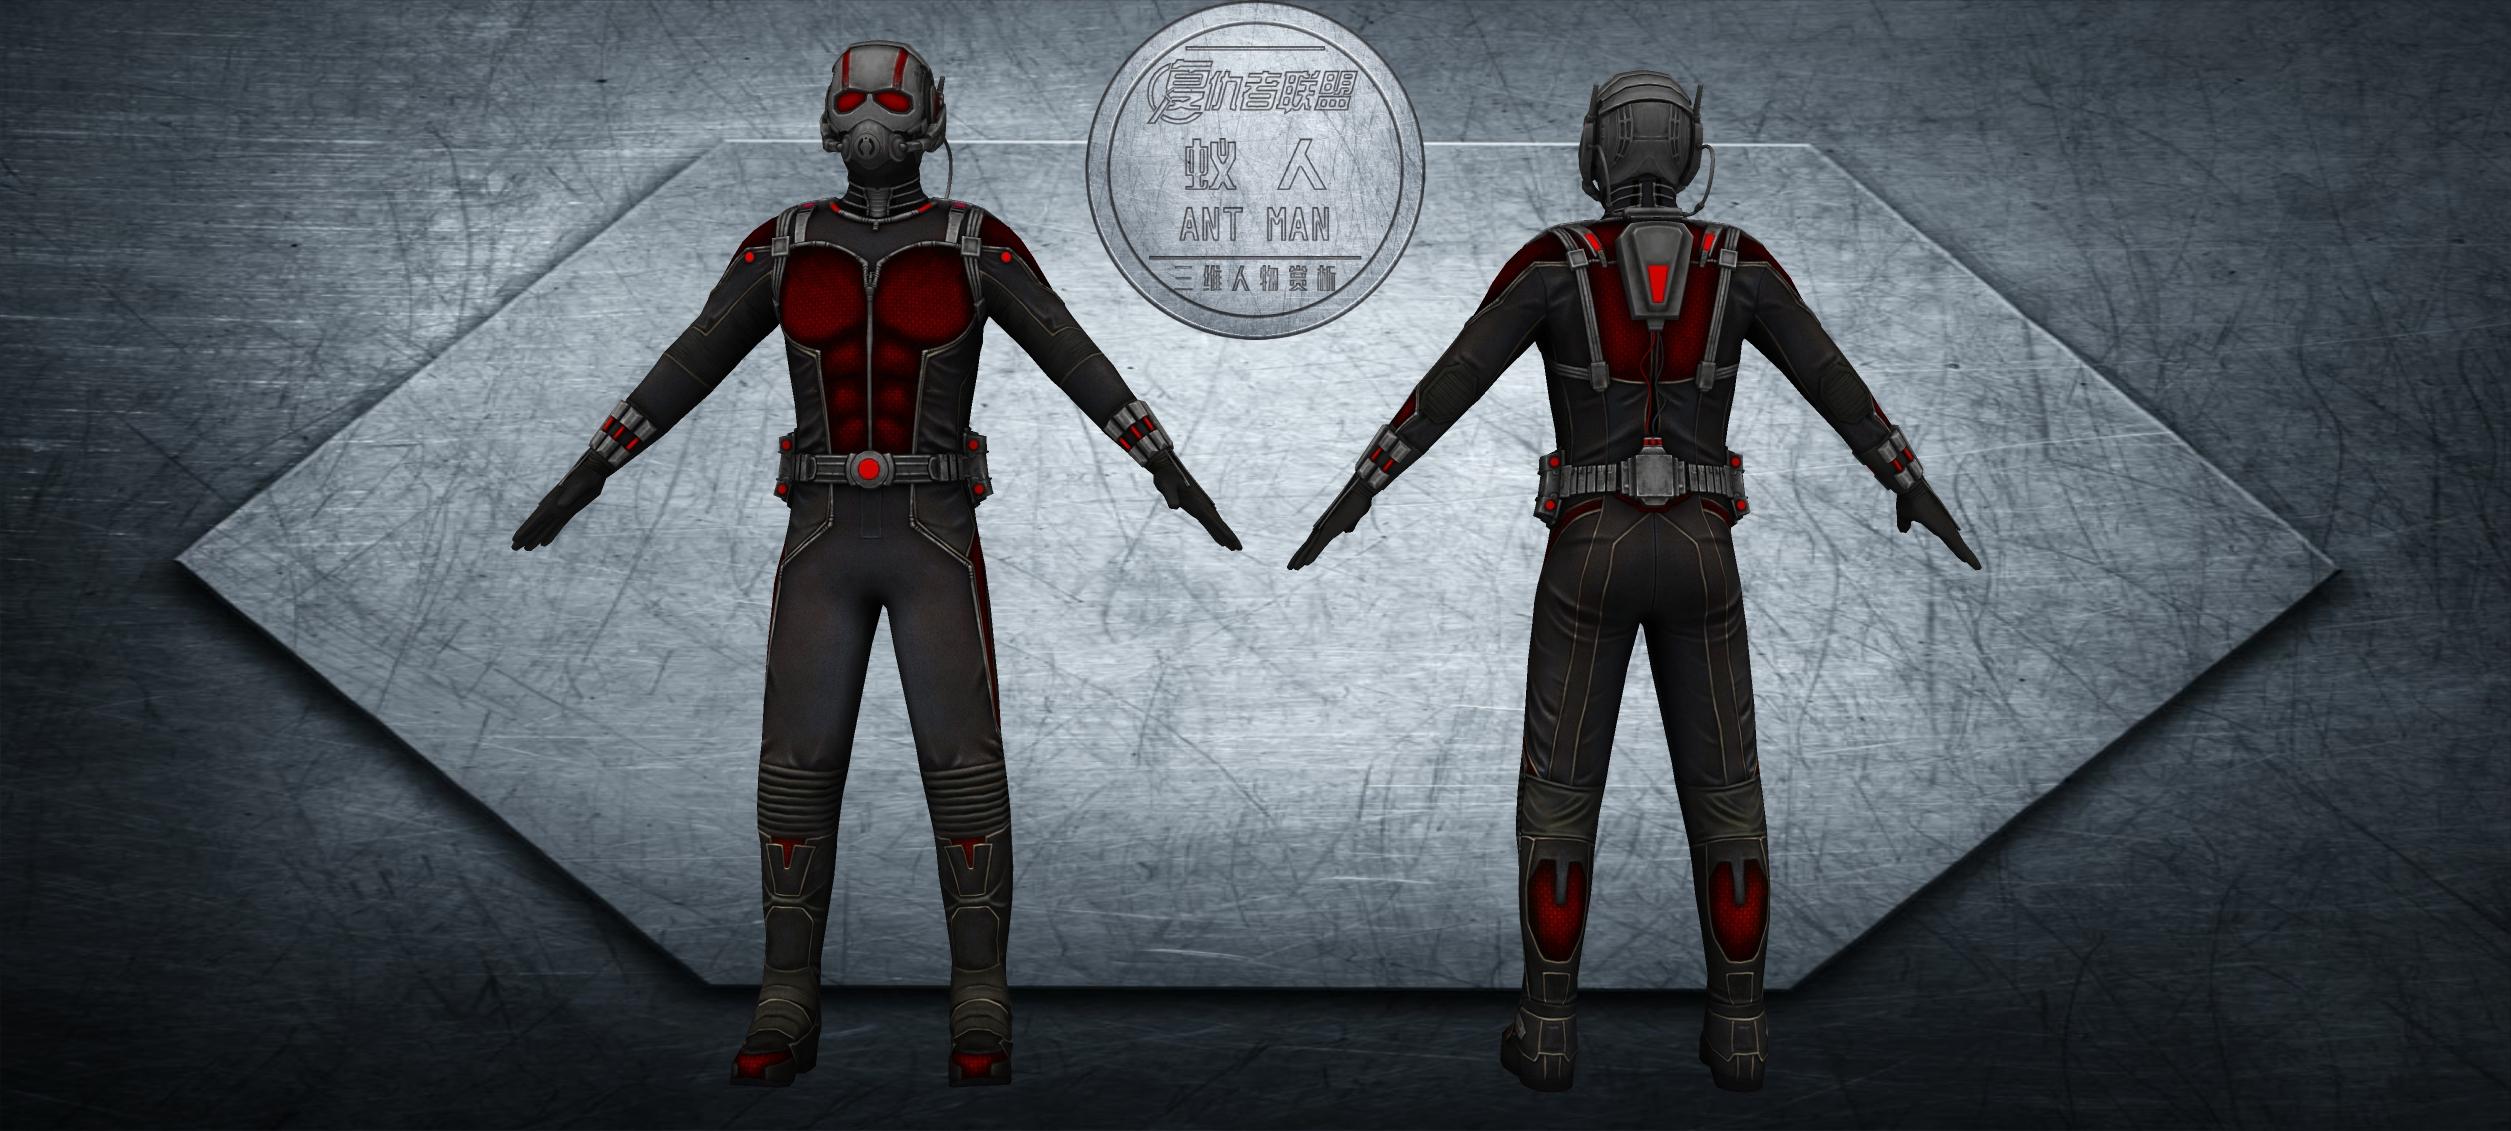 难得一见的《复仇者联盟》人物三维设计鉴赏三图片